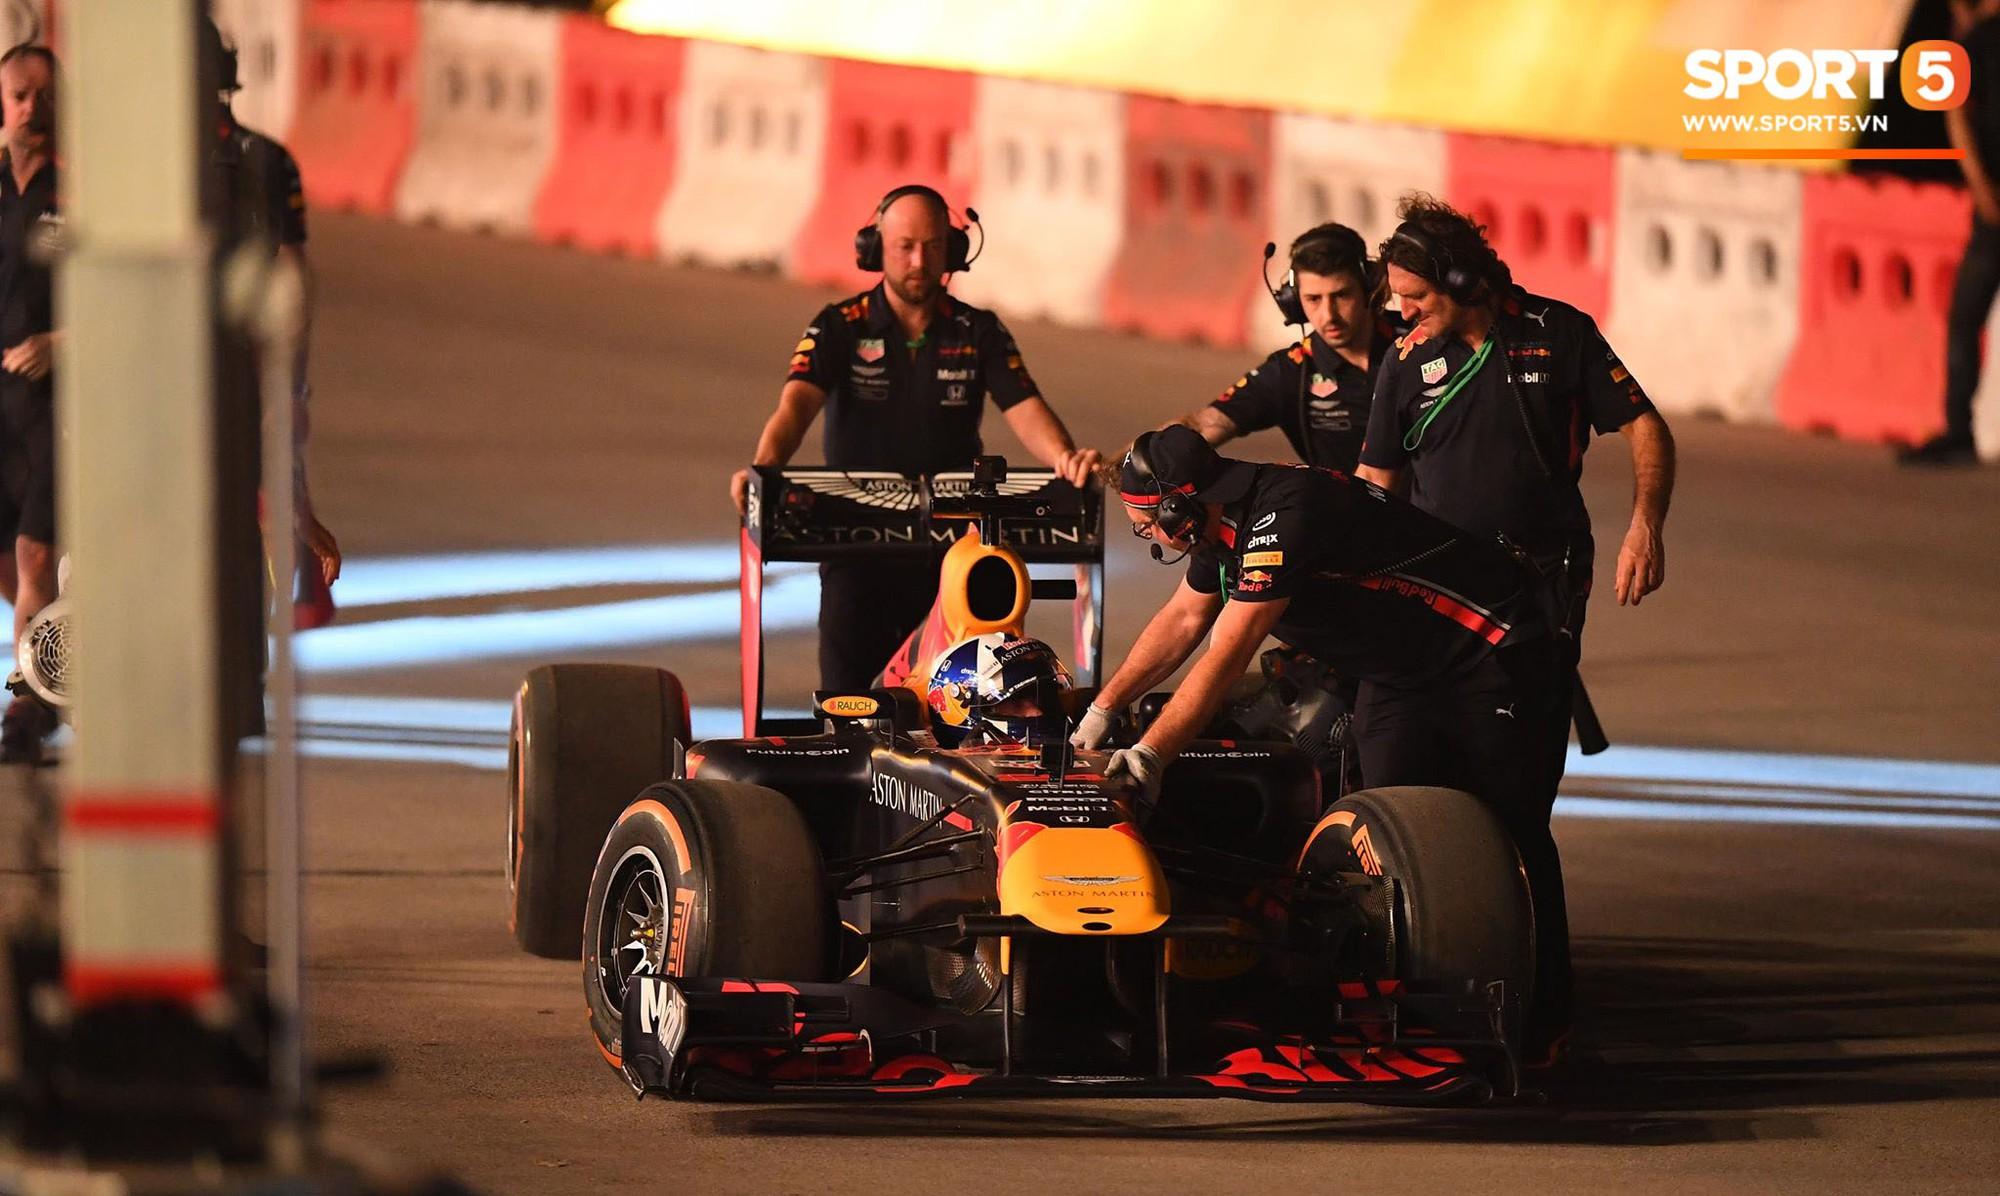 Sự kiện Khởi động F1 Việt Nam Grand Prix: Hoành tráng, mãn nhãn và đầy hứa hẹn - Ảnh 10.